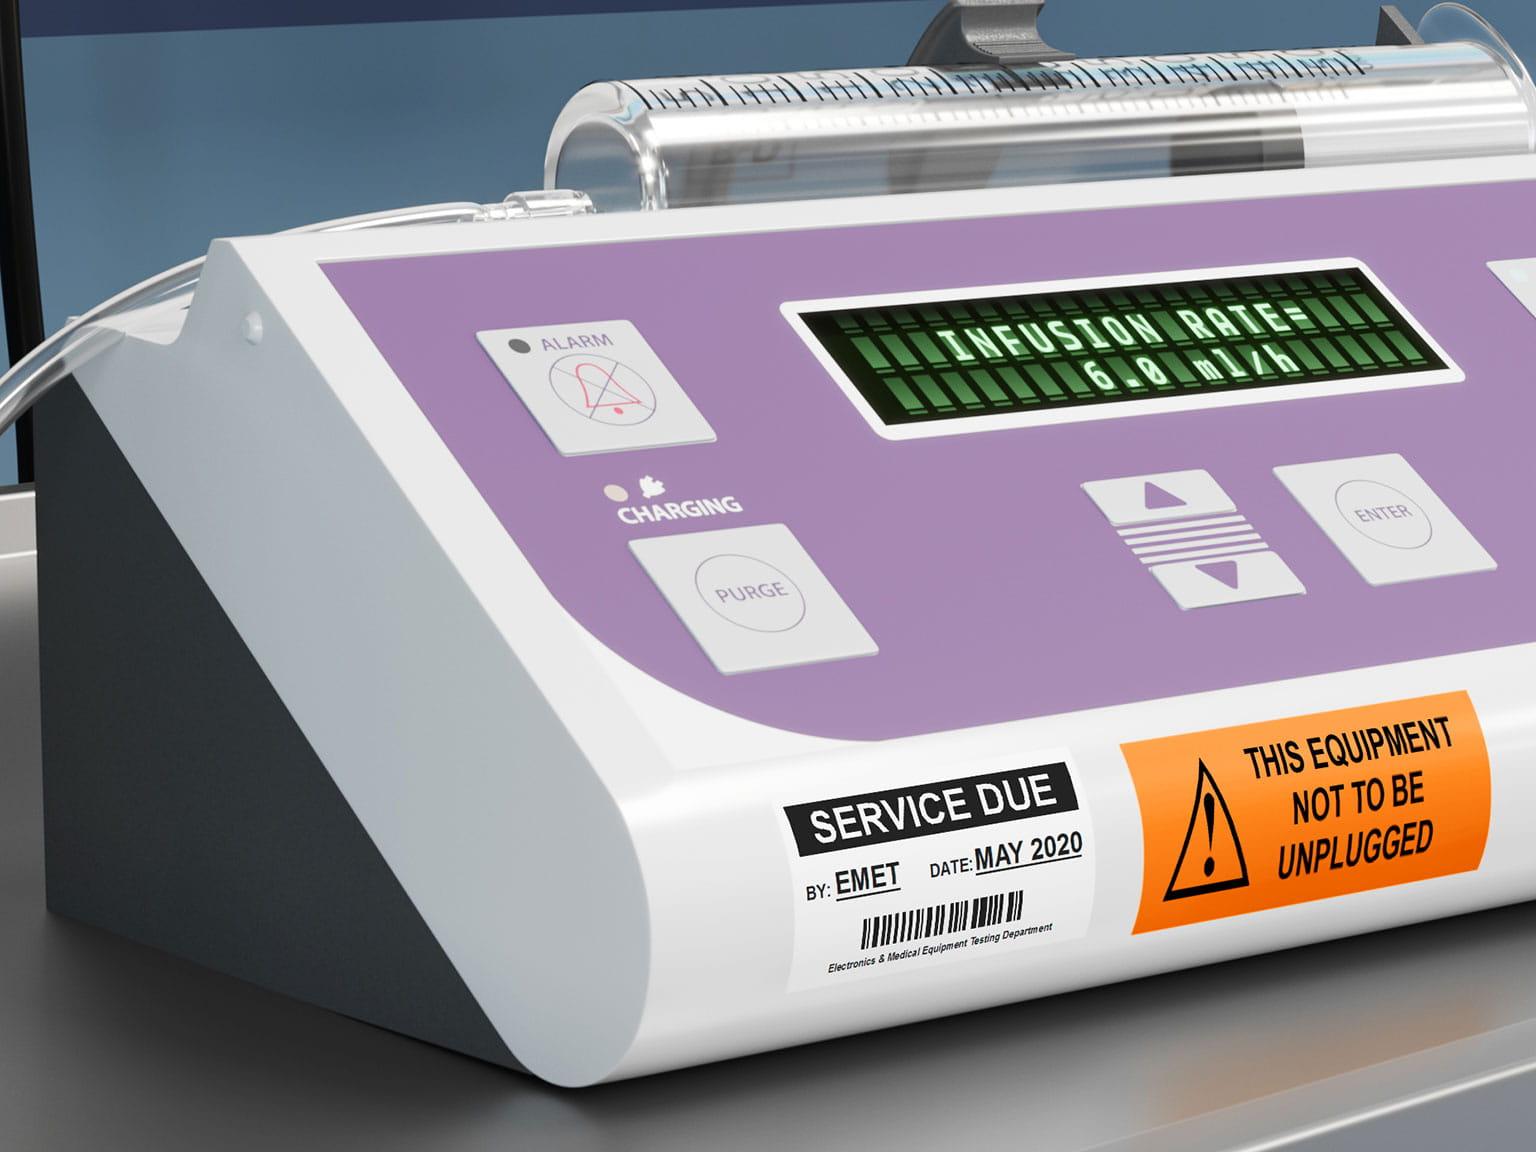 Servisné informácie na laminovanom štítku Brother P-touch TZe nalepenom na  riadiacom paneli